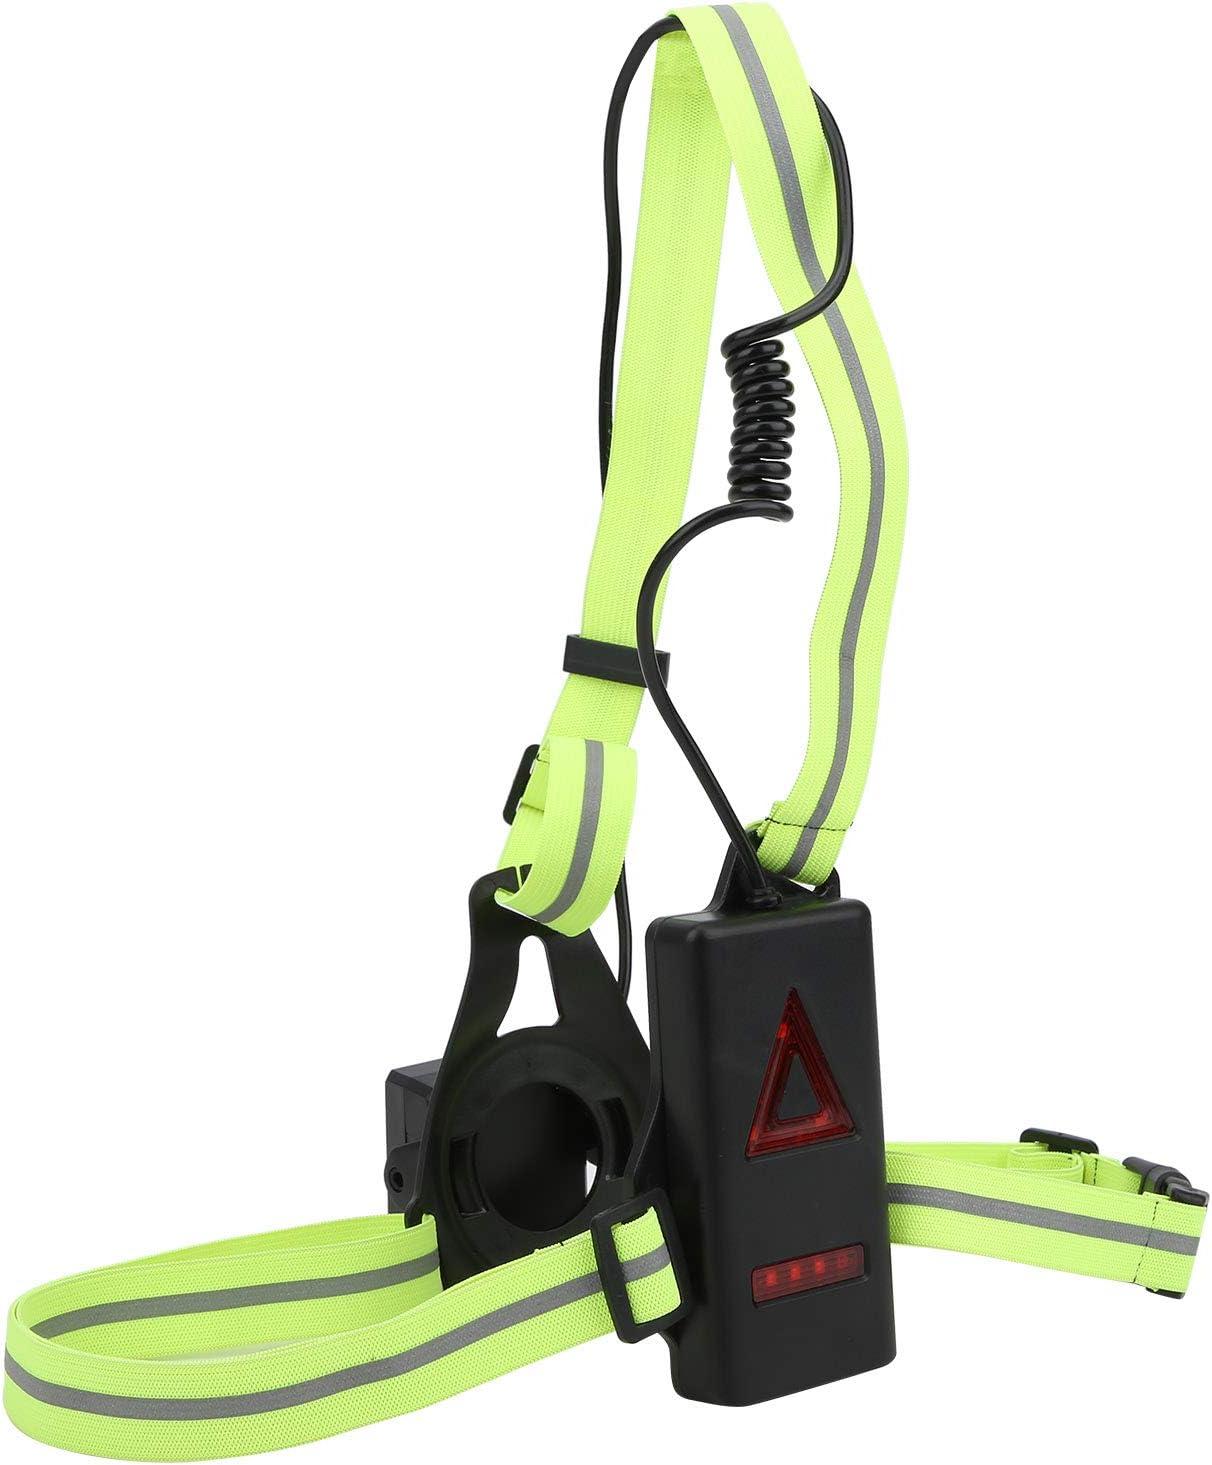 Alomejor1 Night Running Light USB Rechargeable Chest Light High Lumen 3 Modes d/éclairage Lampe de Poitrine davertissement de s/écurit/é pour Le Sport de Plein air